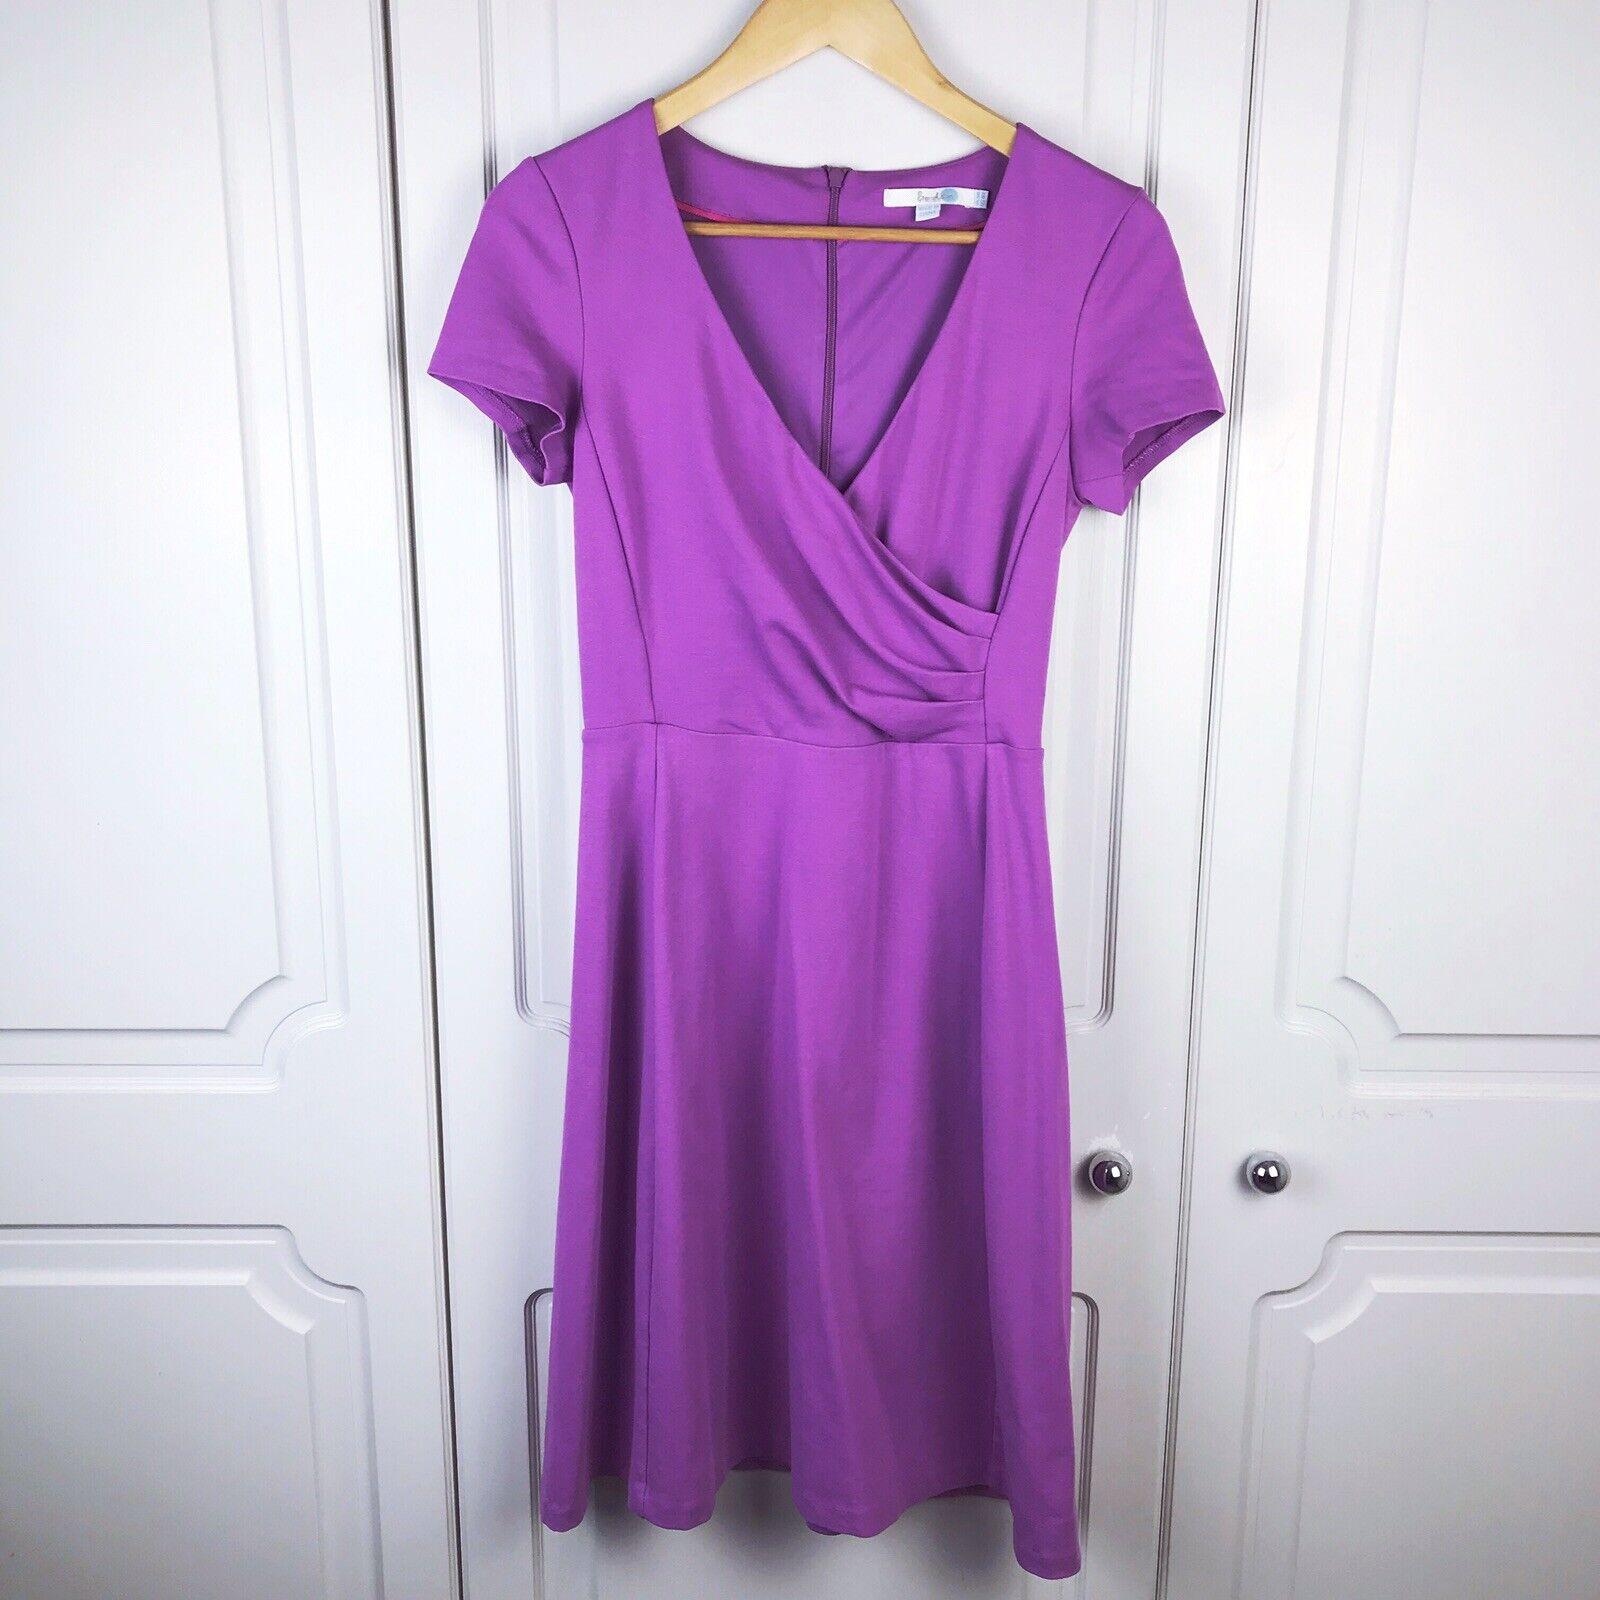 Boden purplec Alicia Ponte Dress Size 8 R BNWOT